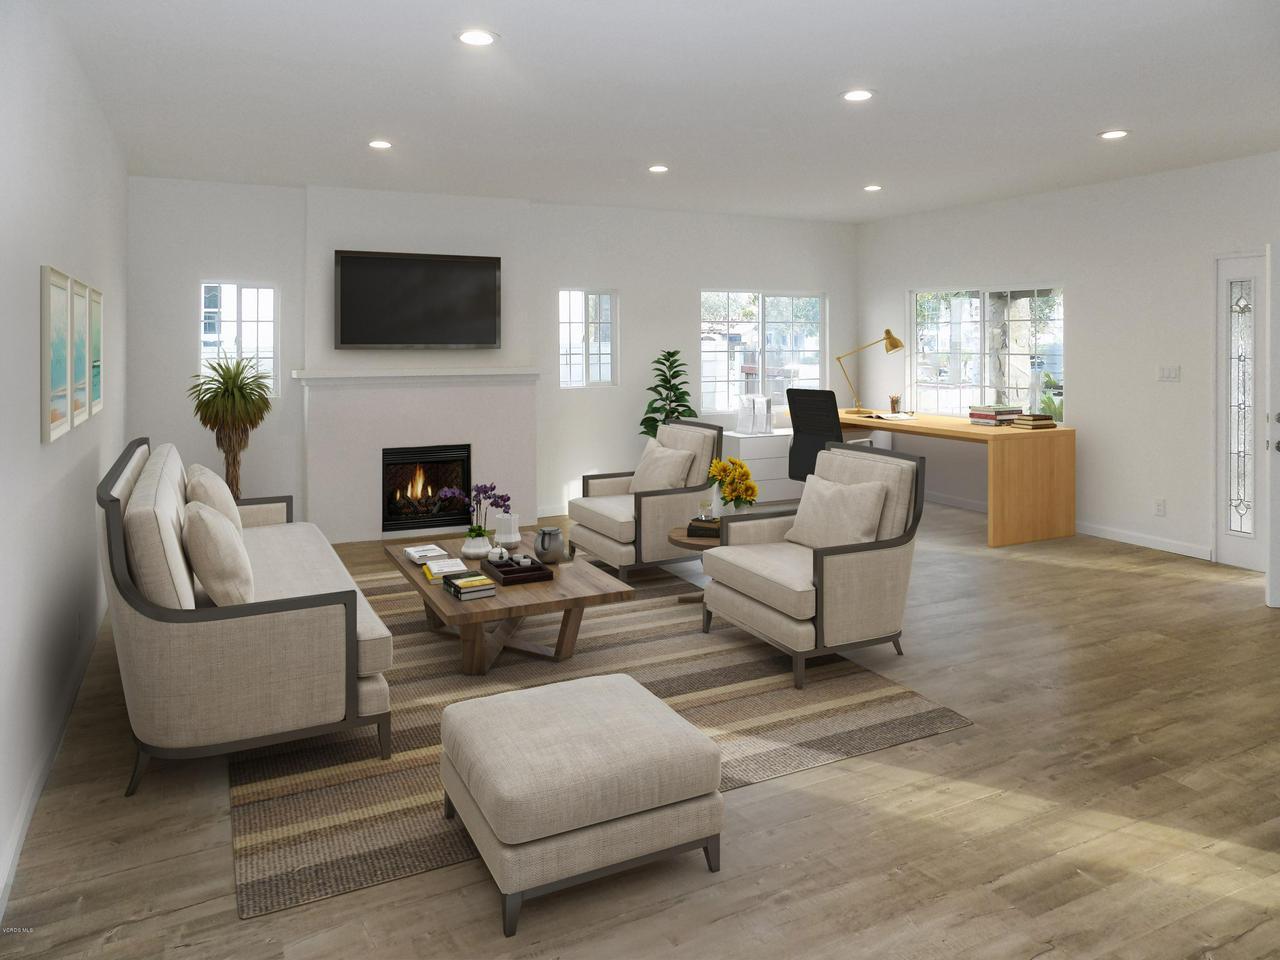 319 MAGNOLIA, Oxnard, CA 93030 - LIVING ROOM